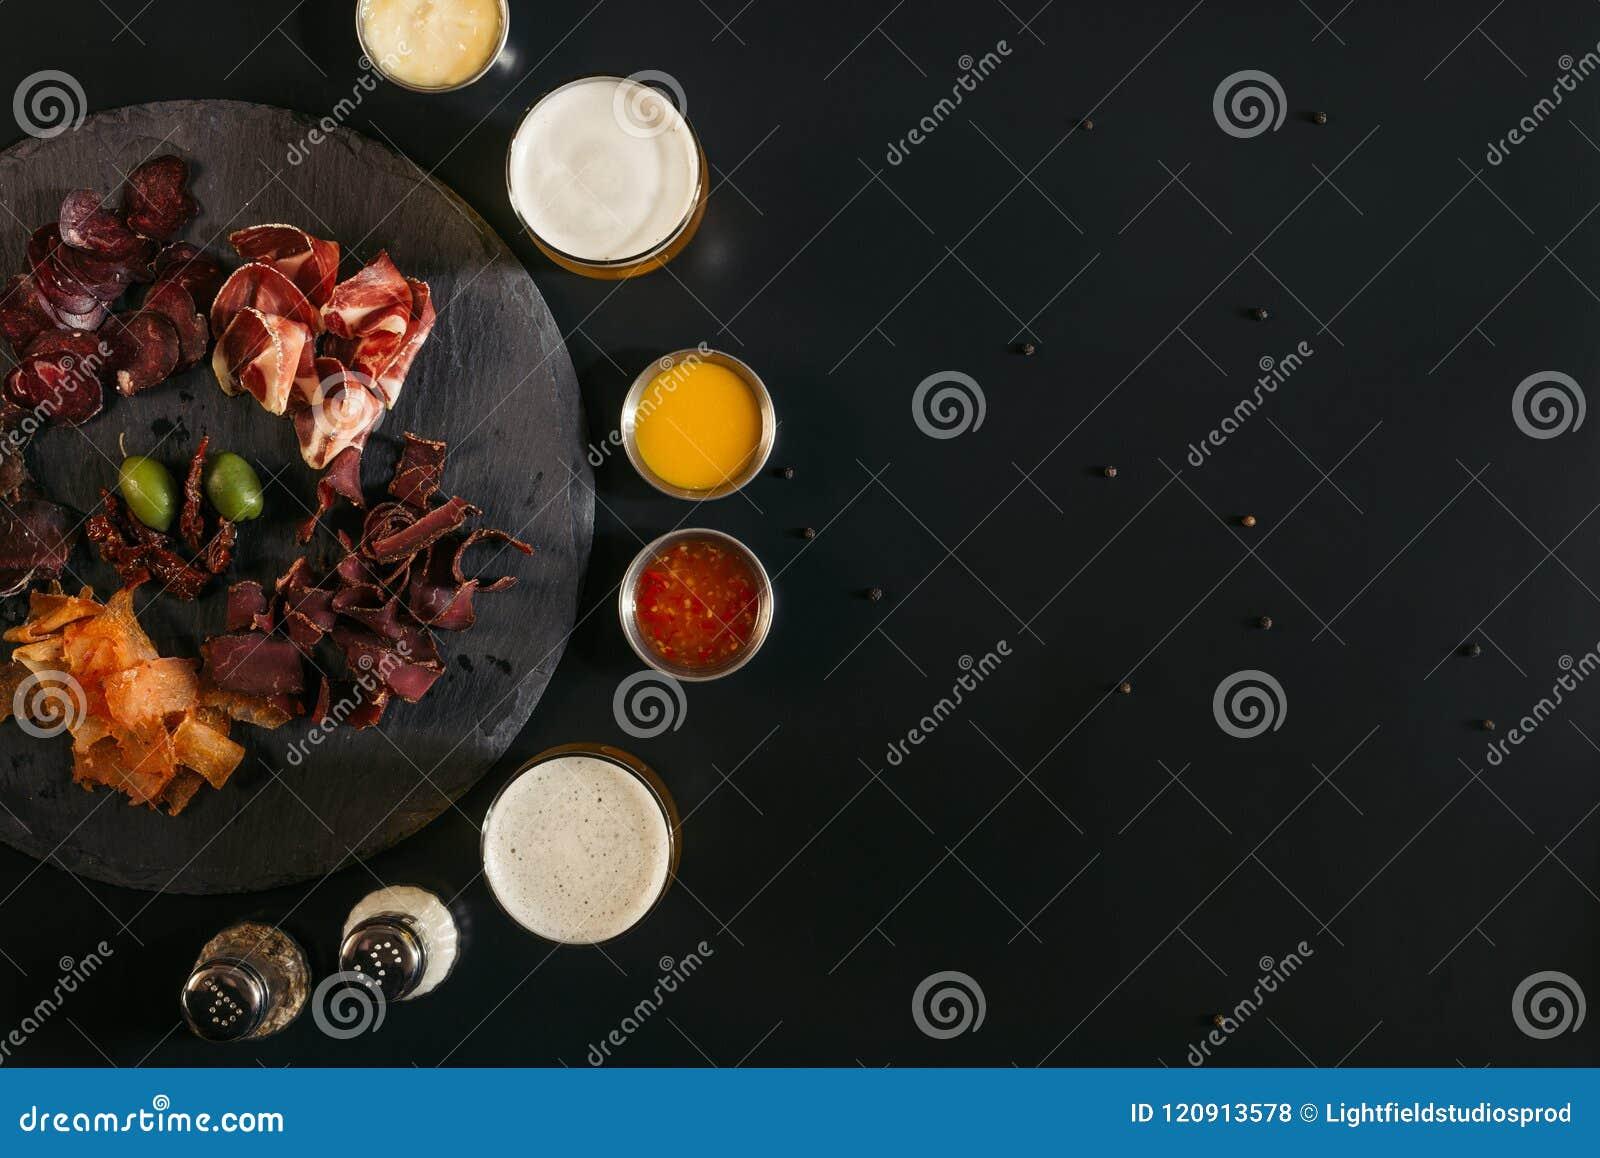 Hoogste mening van heerlijk gesneden geassorteerd vlees, glazen bier, sausen en kruiden